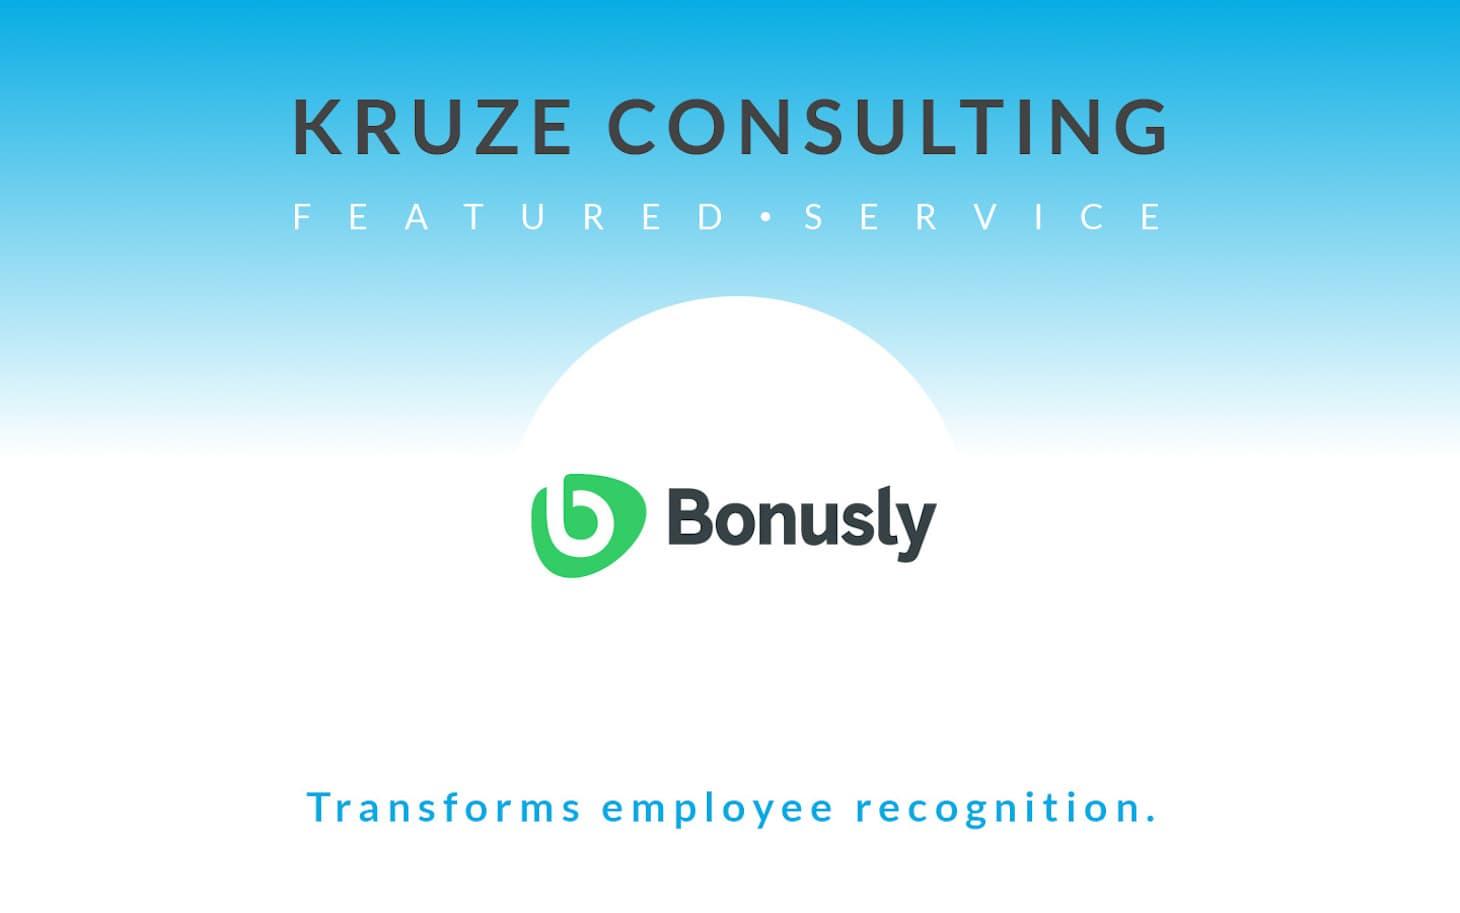 Featured Service - Bonusly